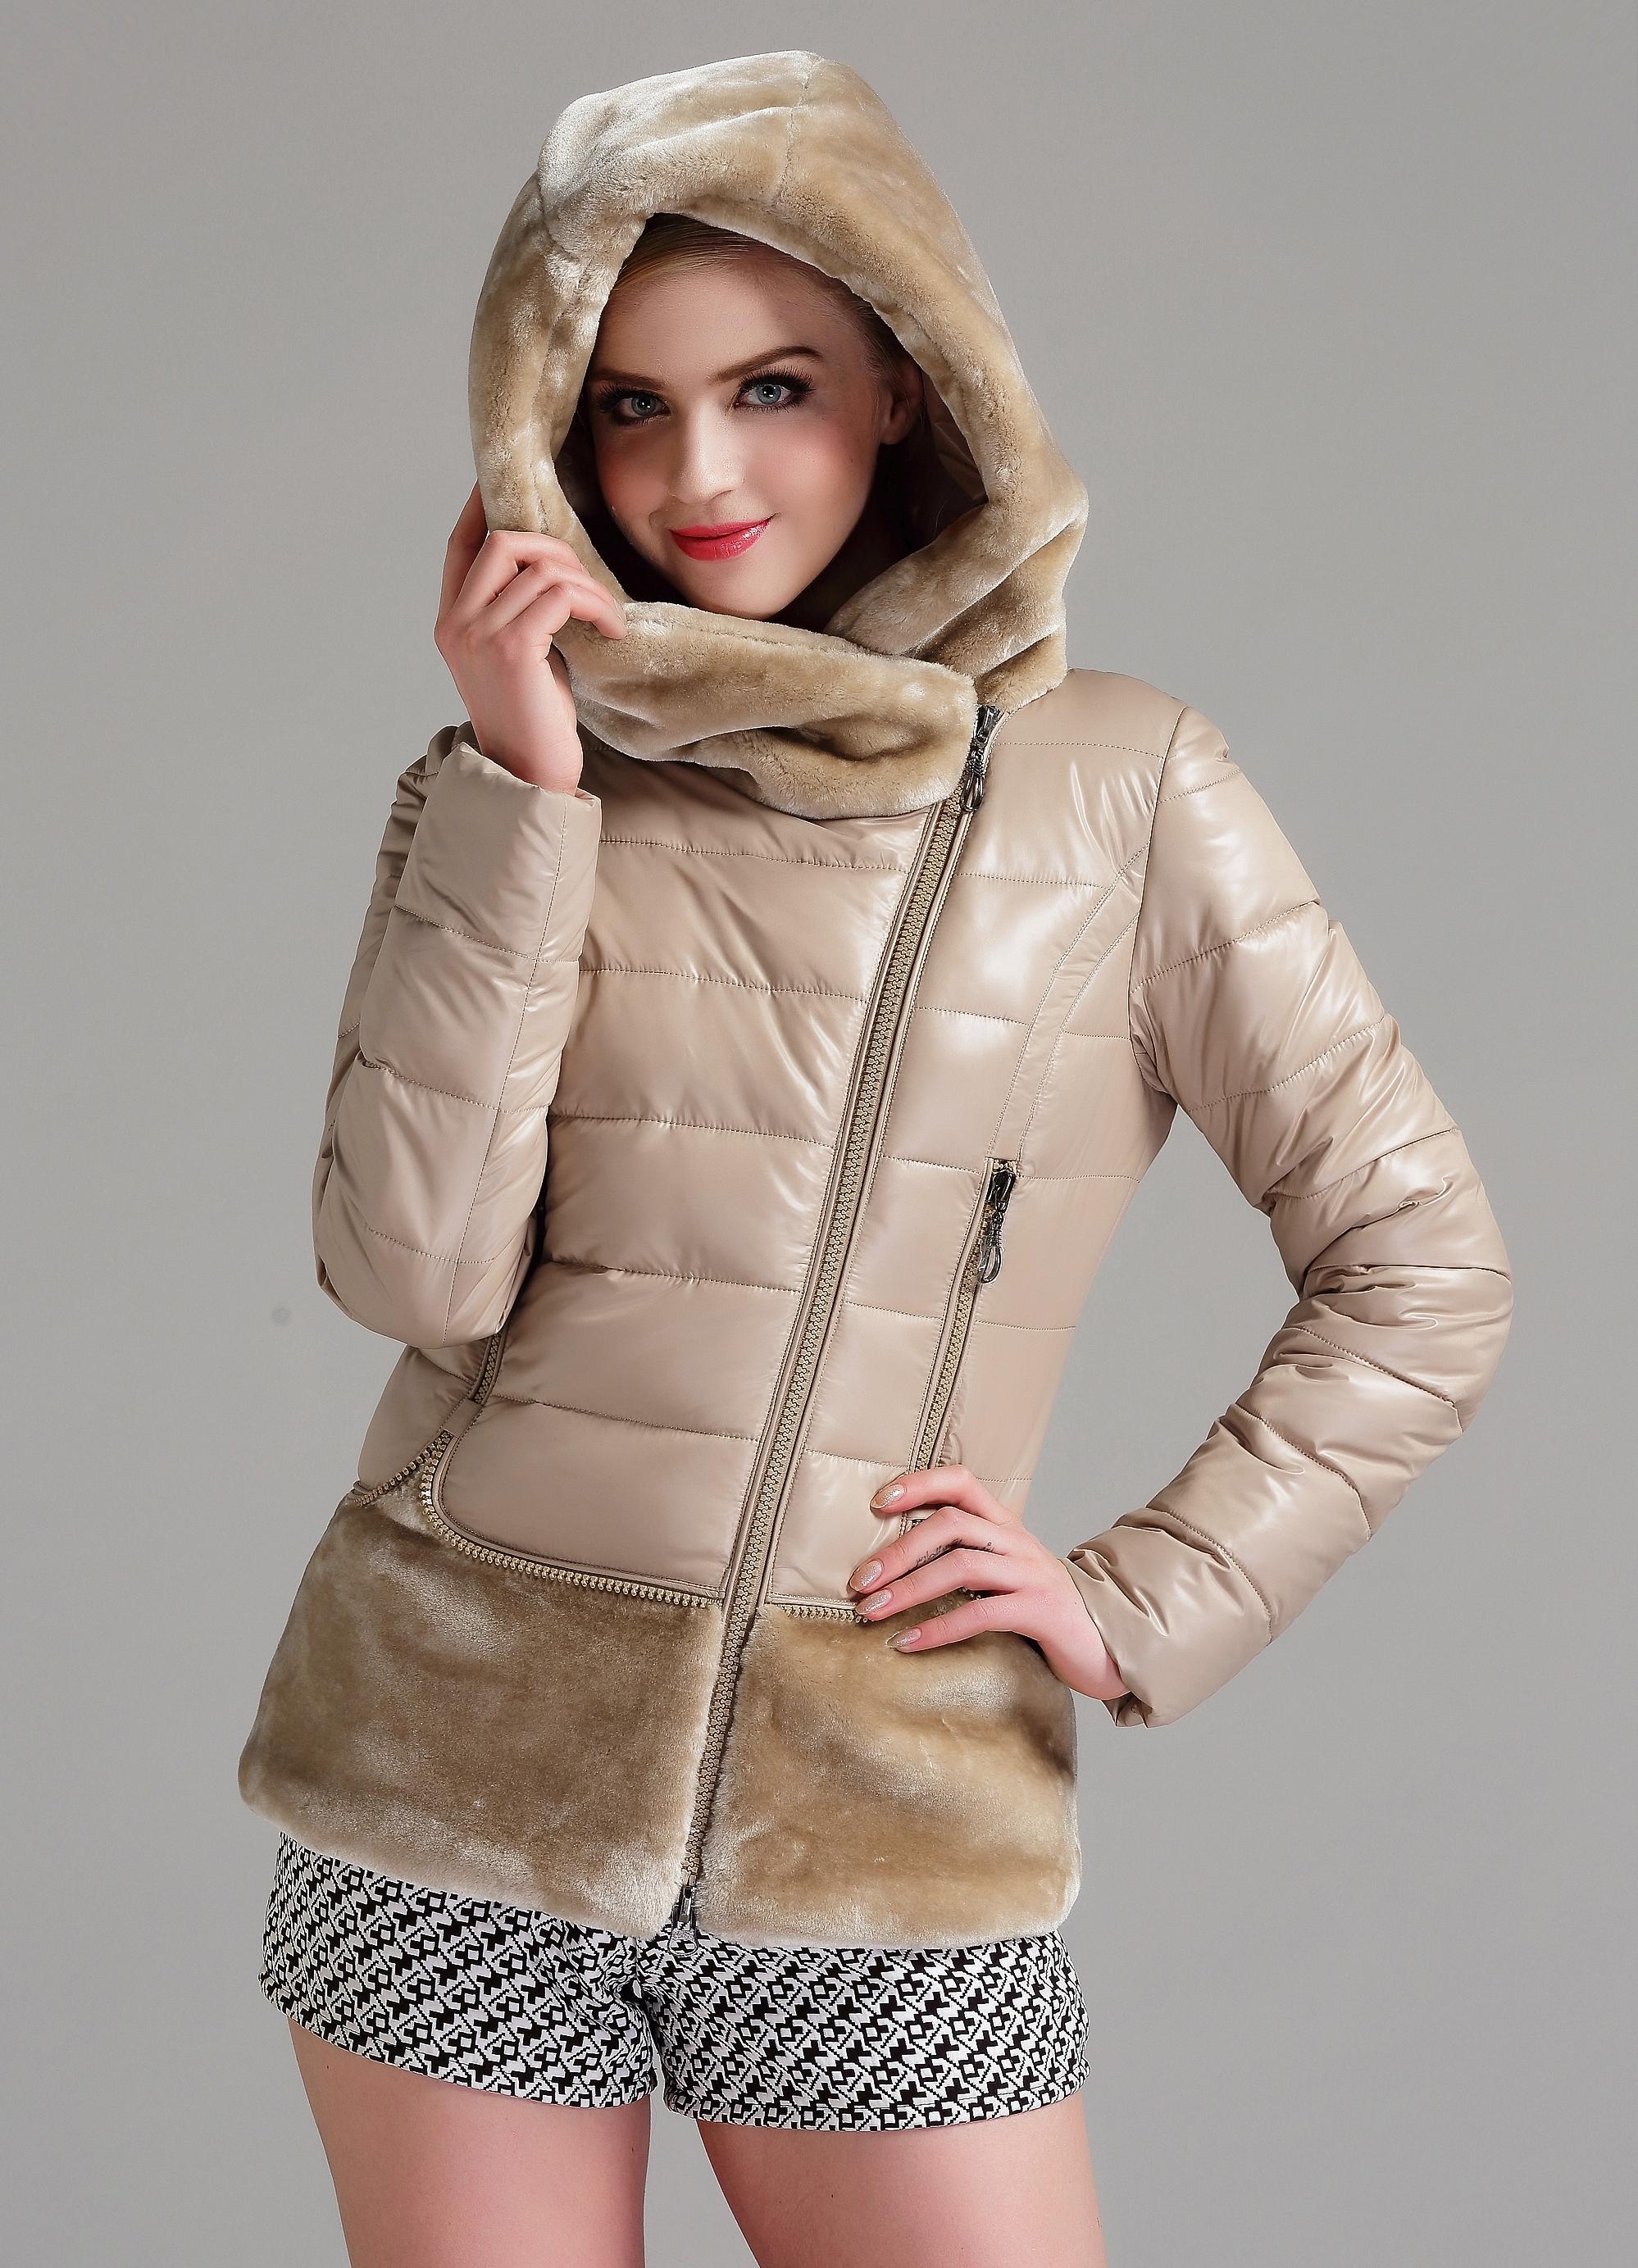 81a6c70c496 Женская зимняя куртка с капюшоном на синтепоне